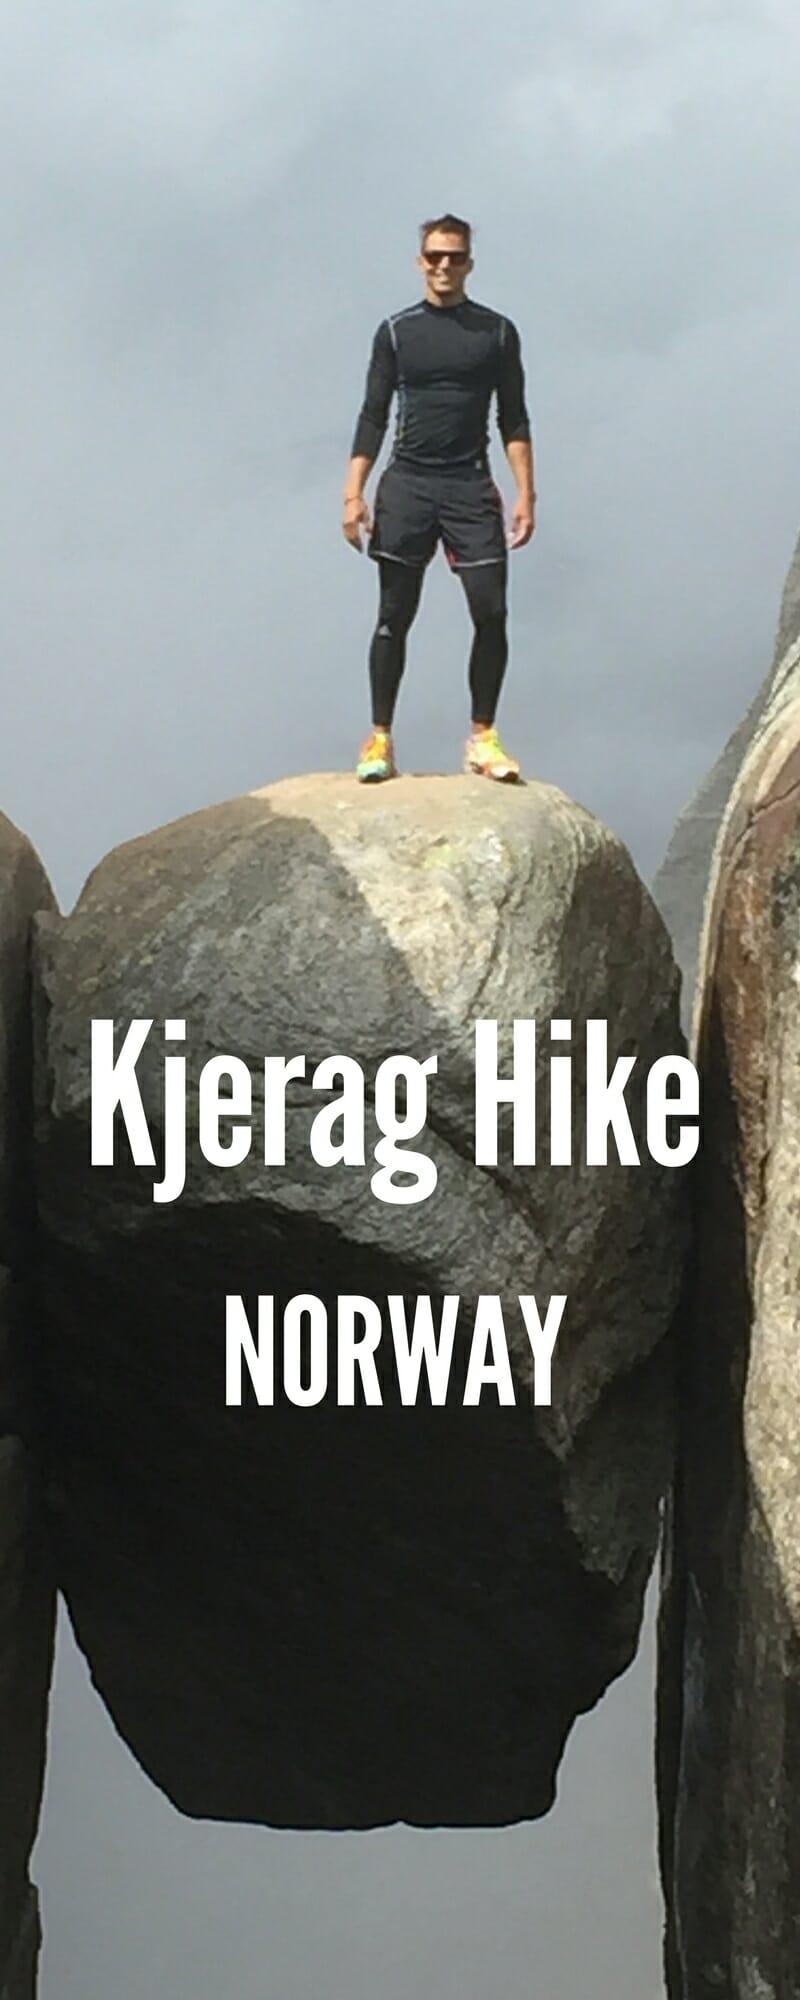 Caminata para Kjerag